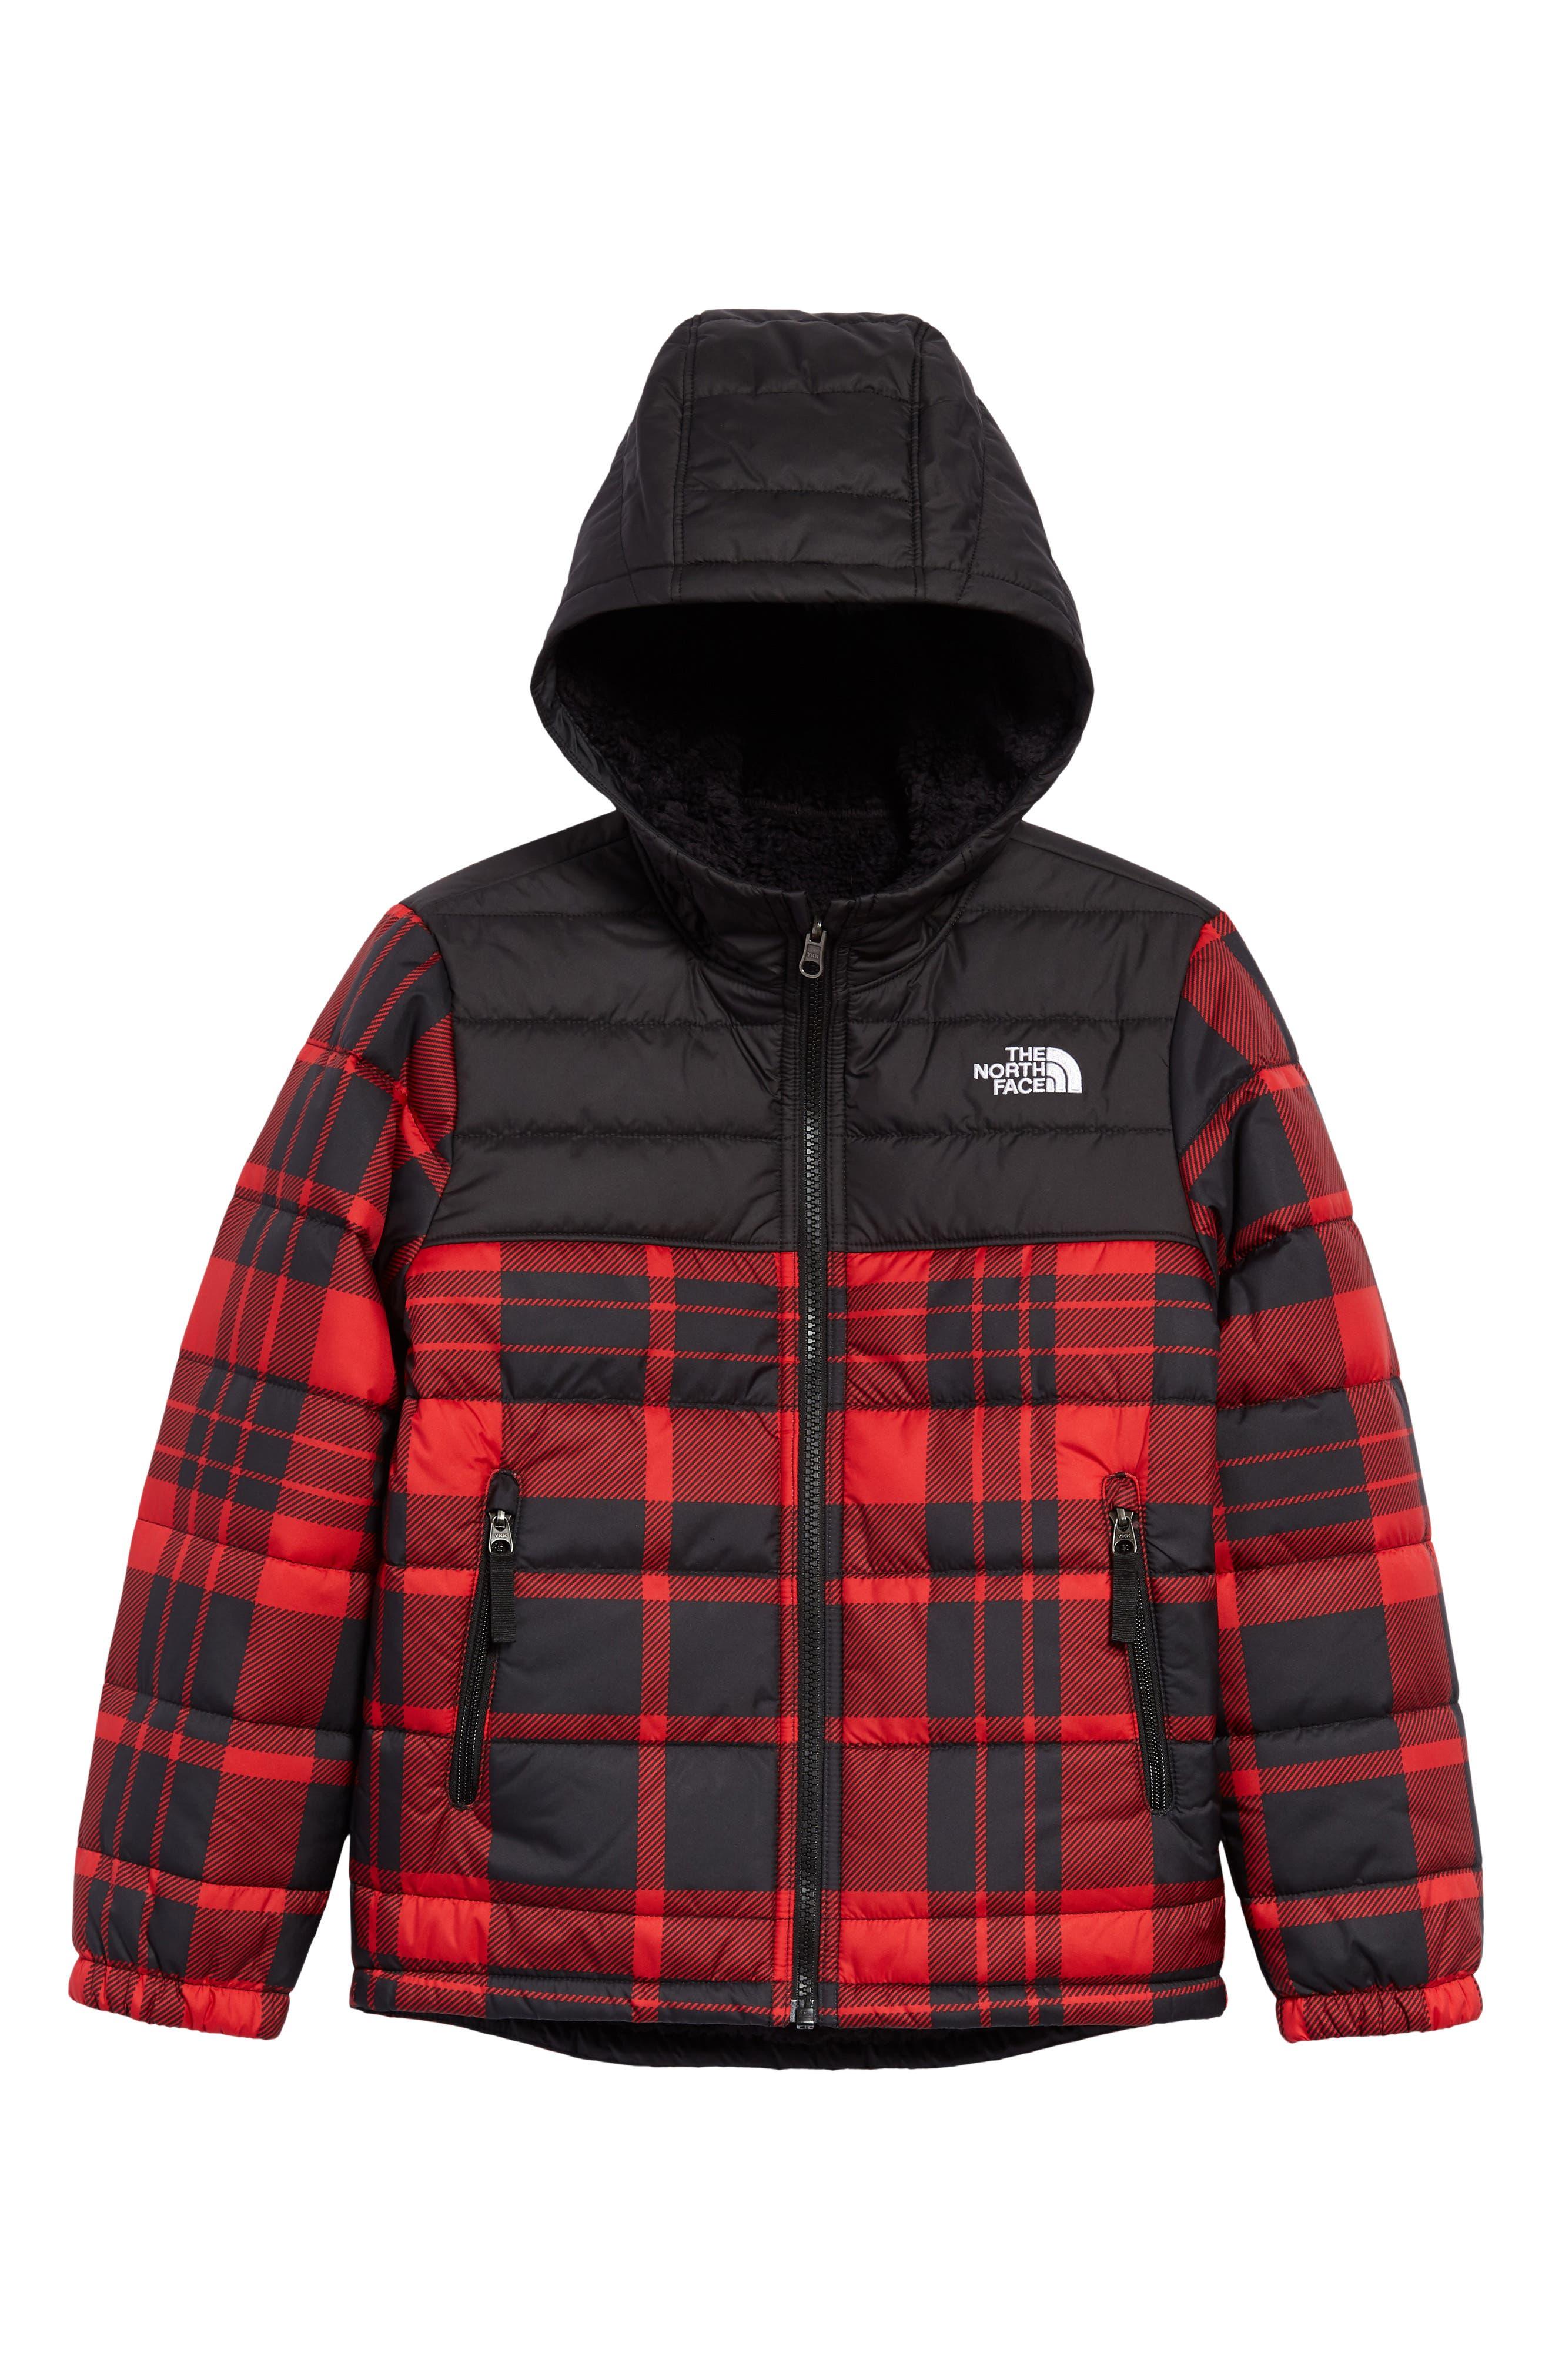 Image of The North Face Kids' Mount Chimborazo Reversible Jacket